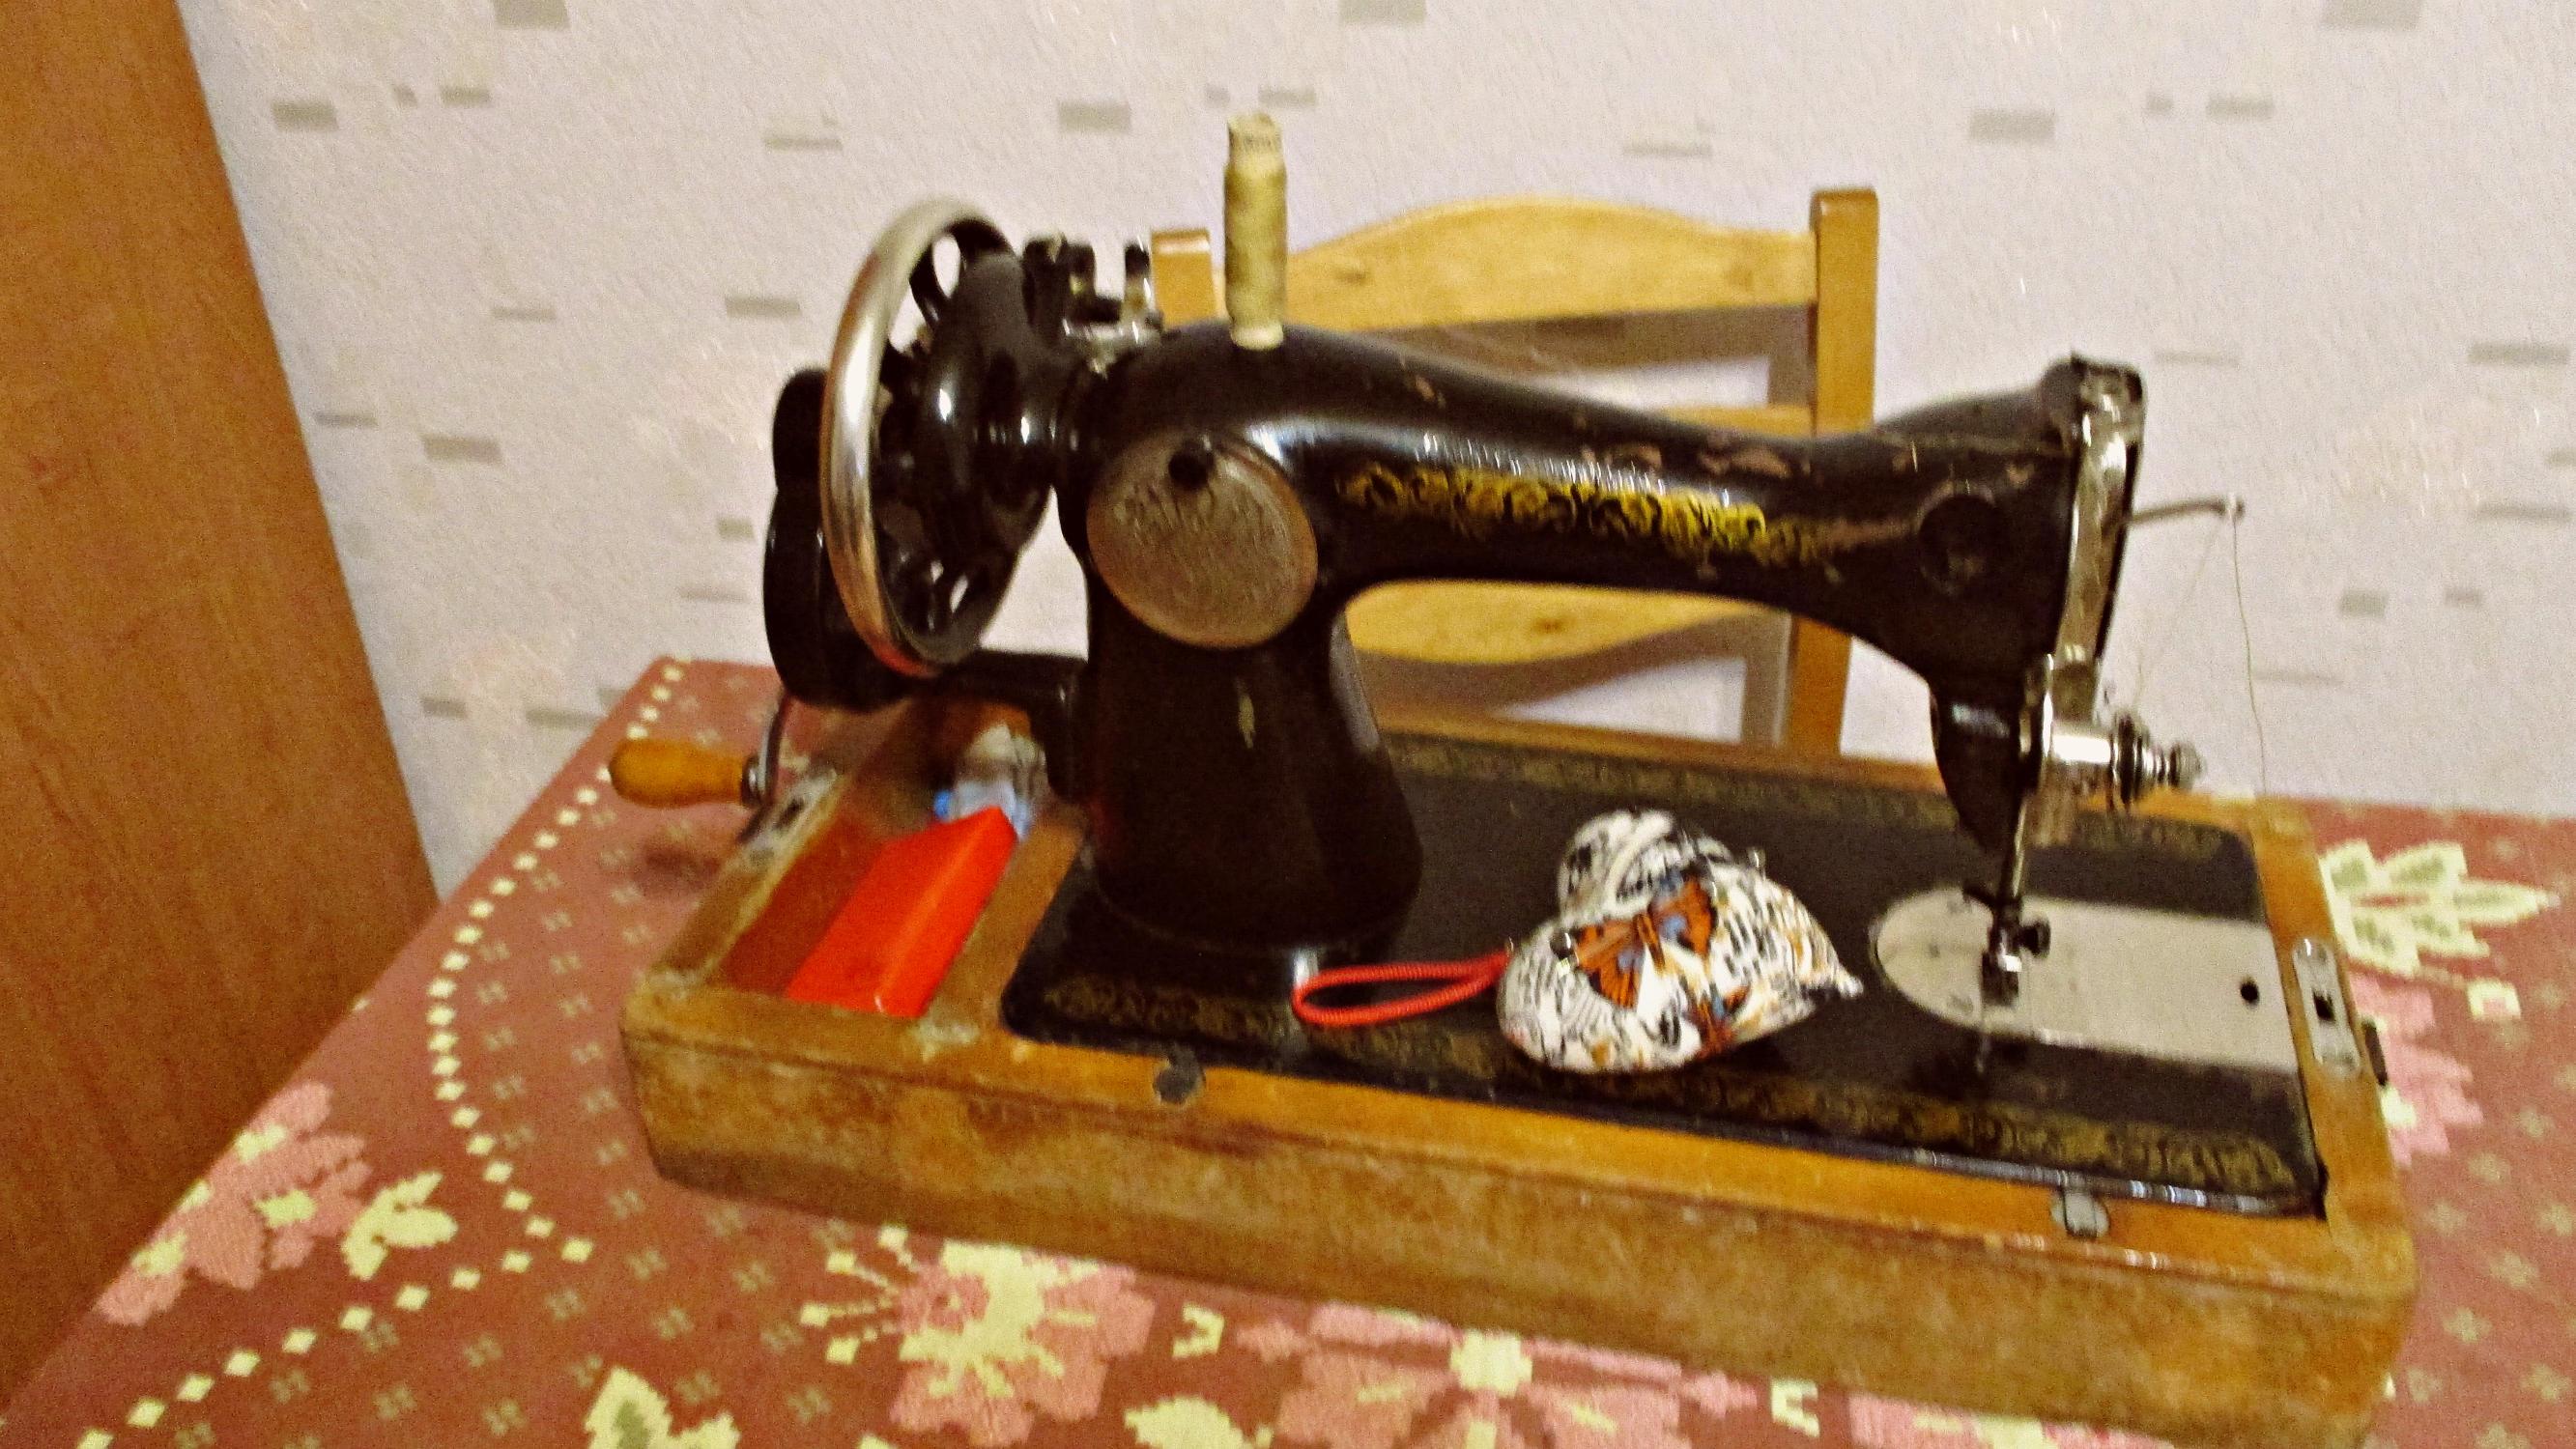 Ремонт швейных машинок своими руками: подробная инструкция с фото